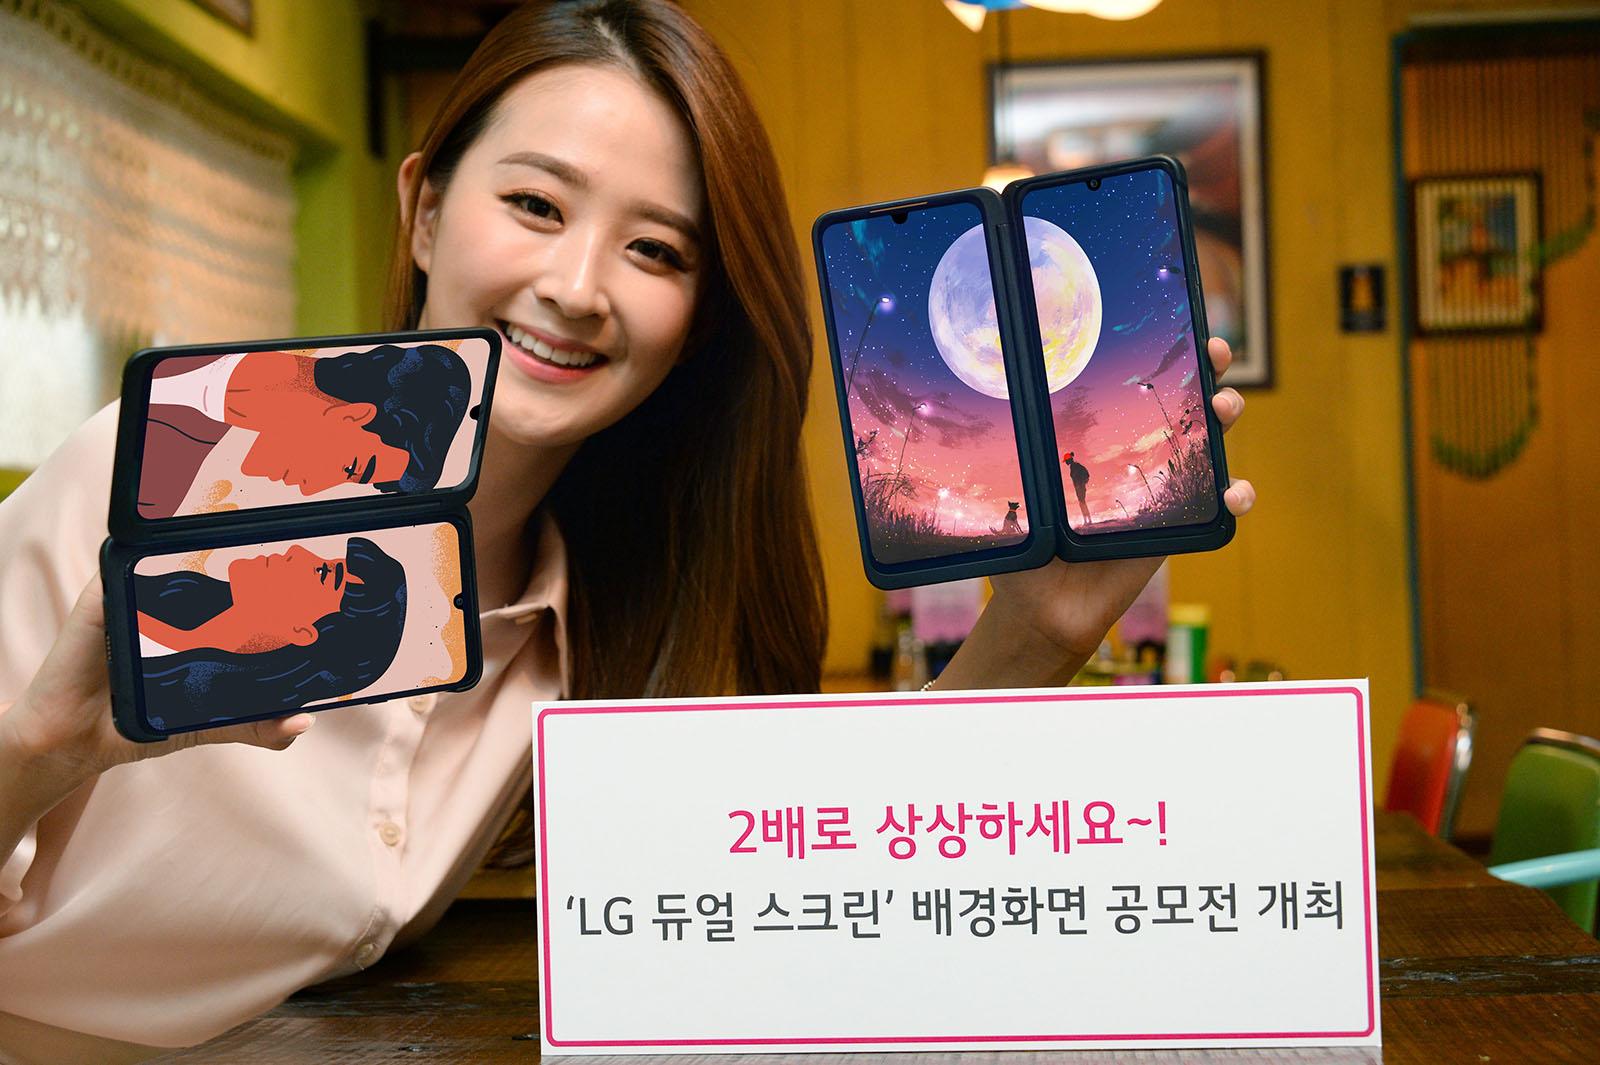 'LG 듀얼 스크린' 배경화면 공모전 개최